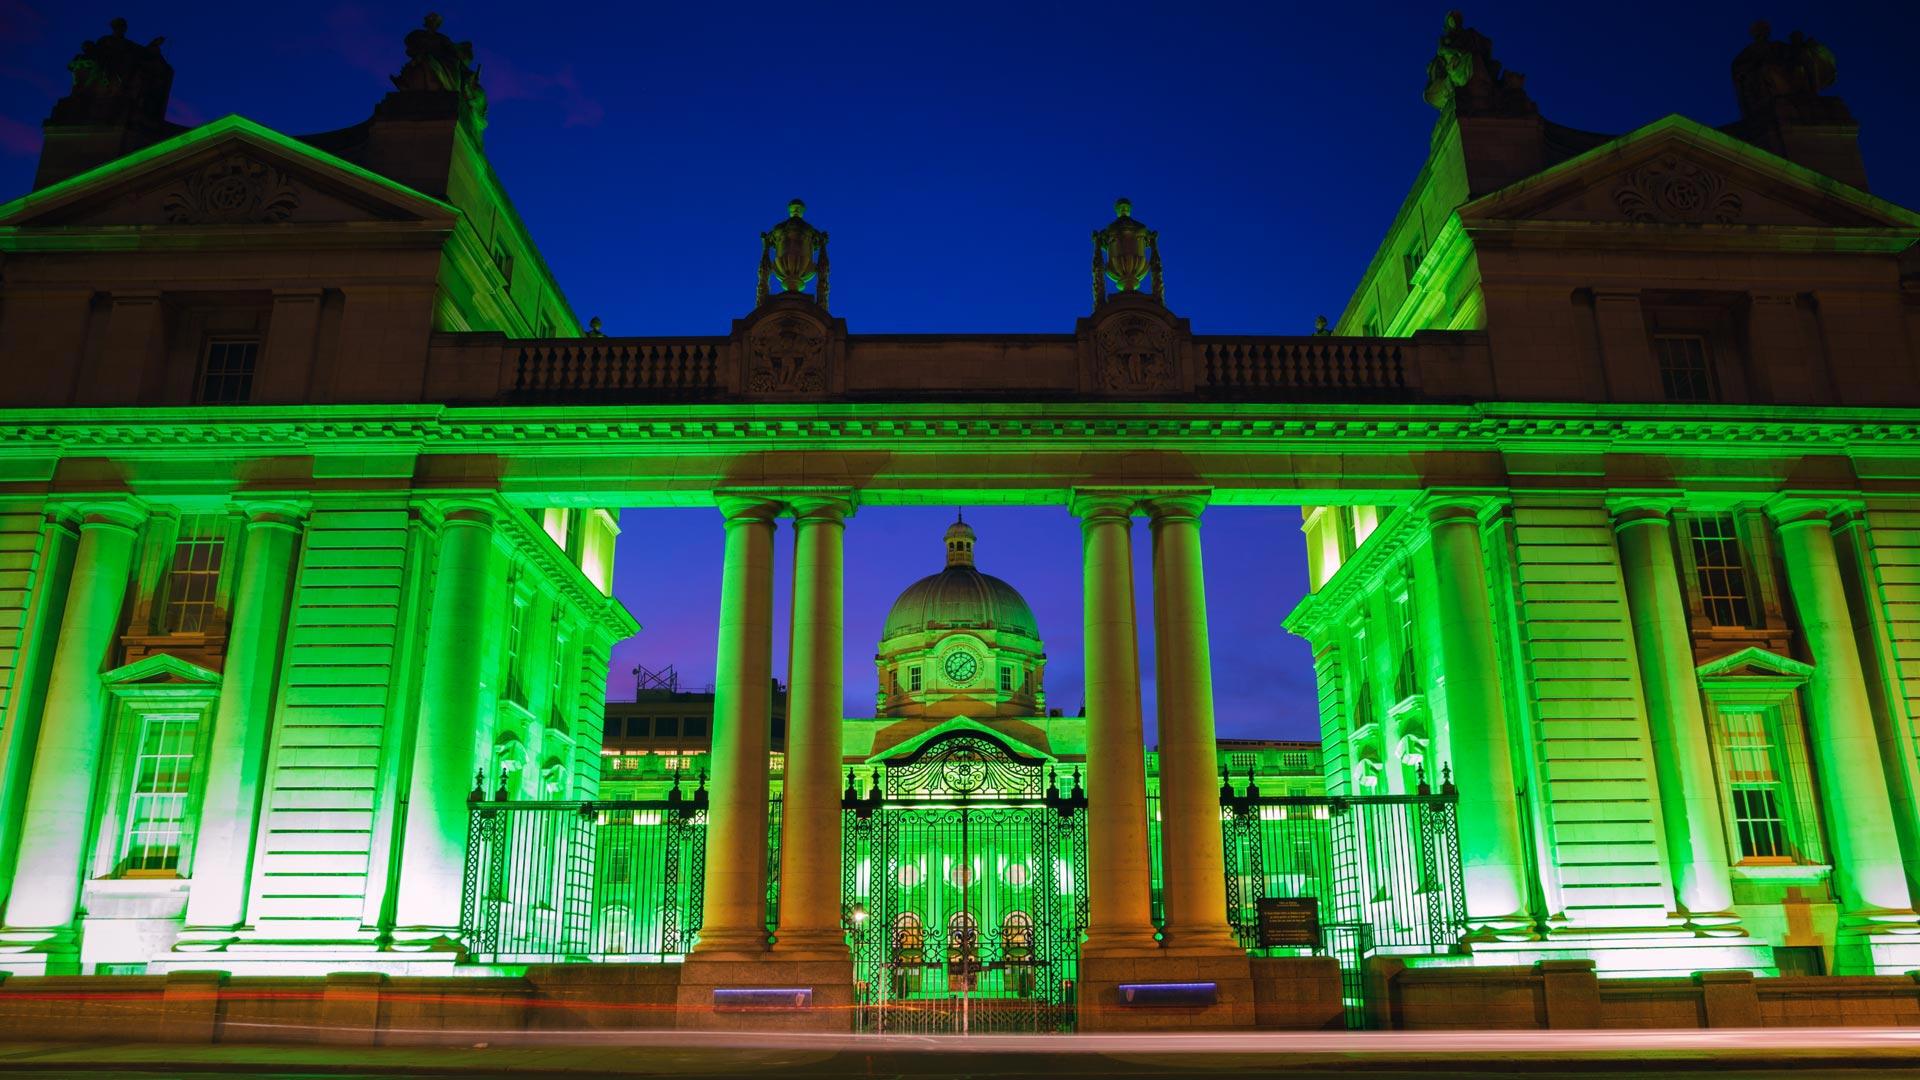 「首相官邸のライトアップ」アイルランド, ダブリン (© David Soanes Photography/Getty Images)